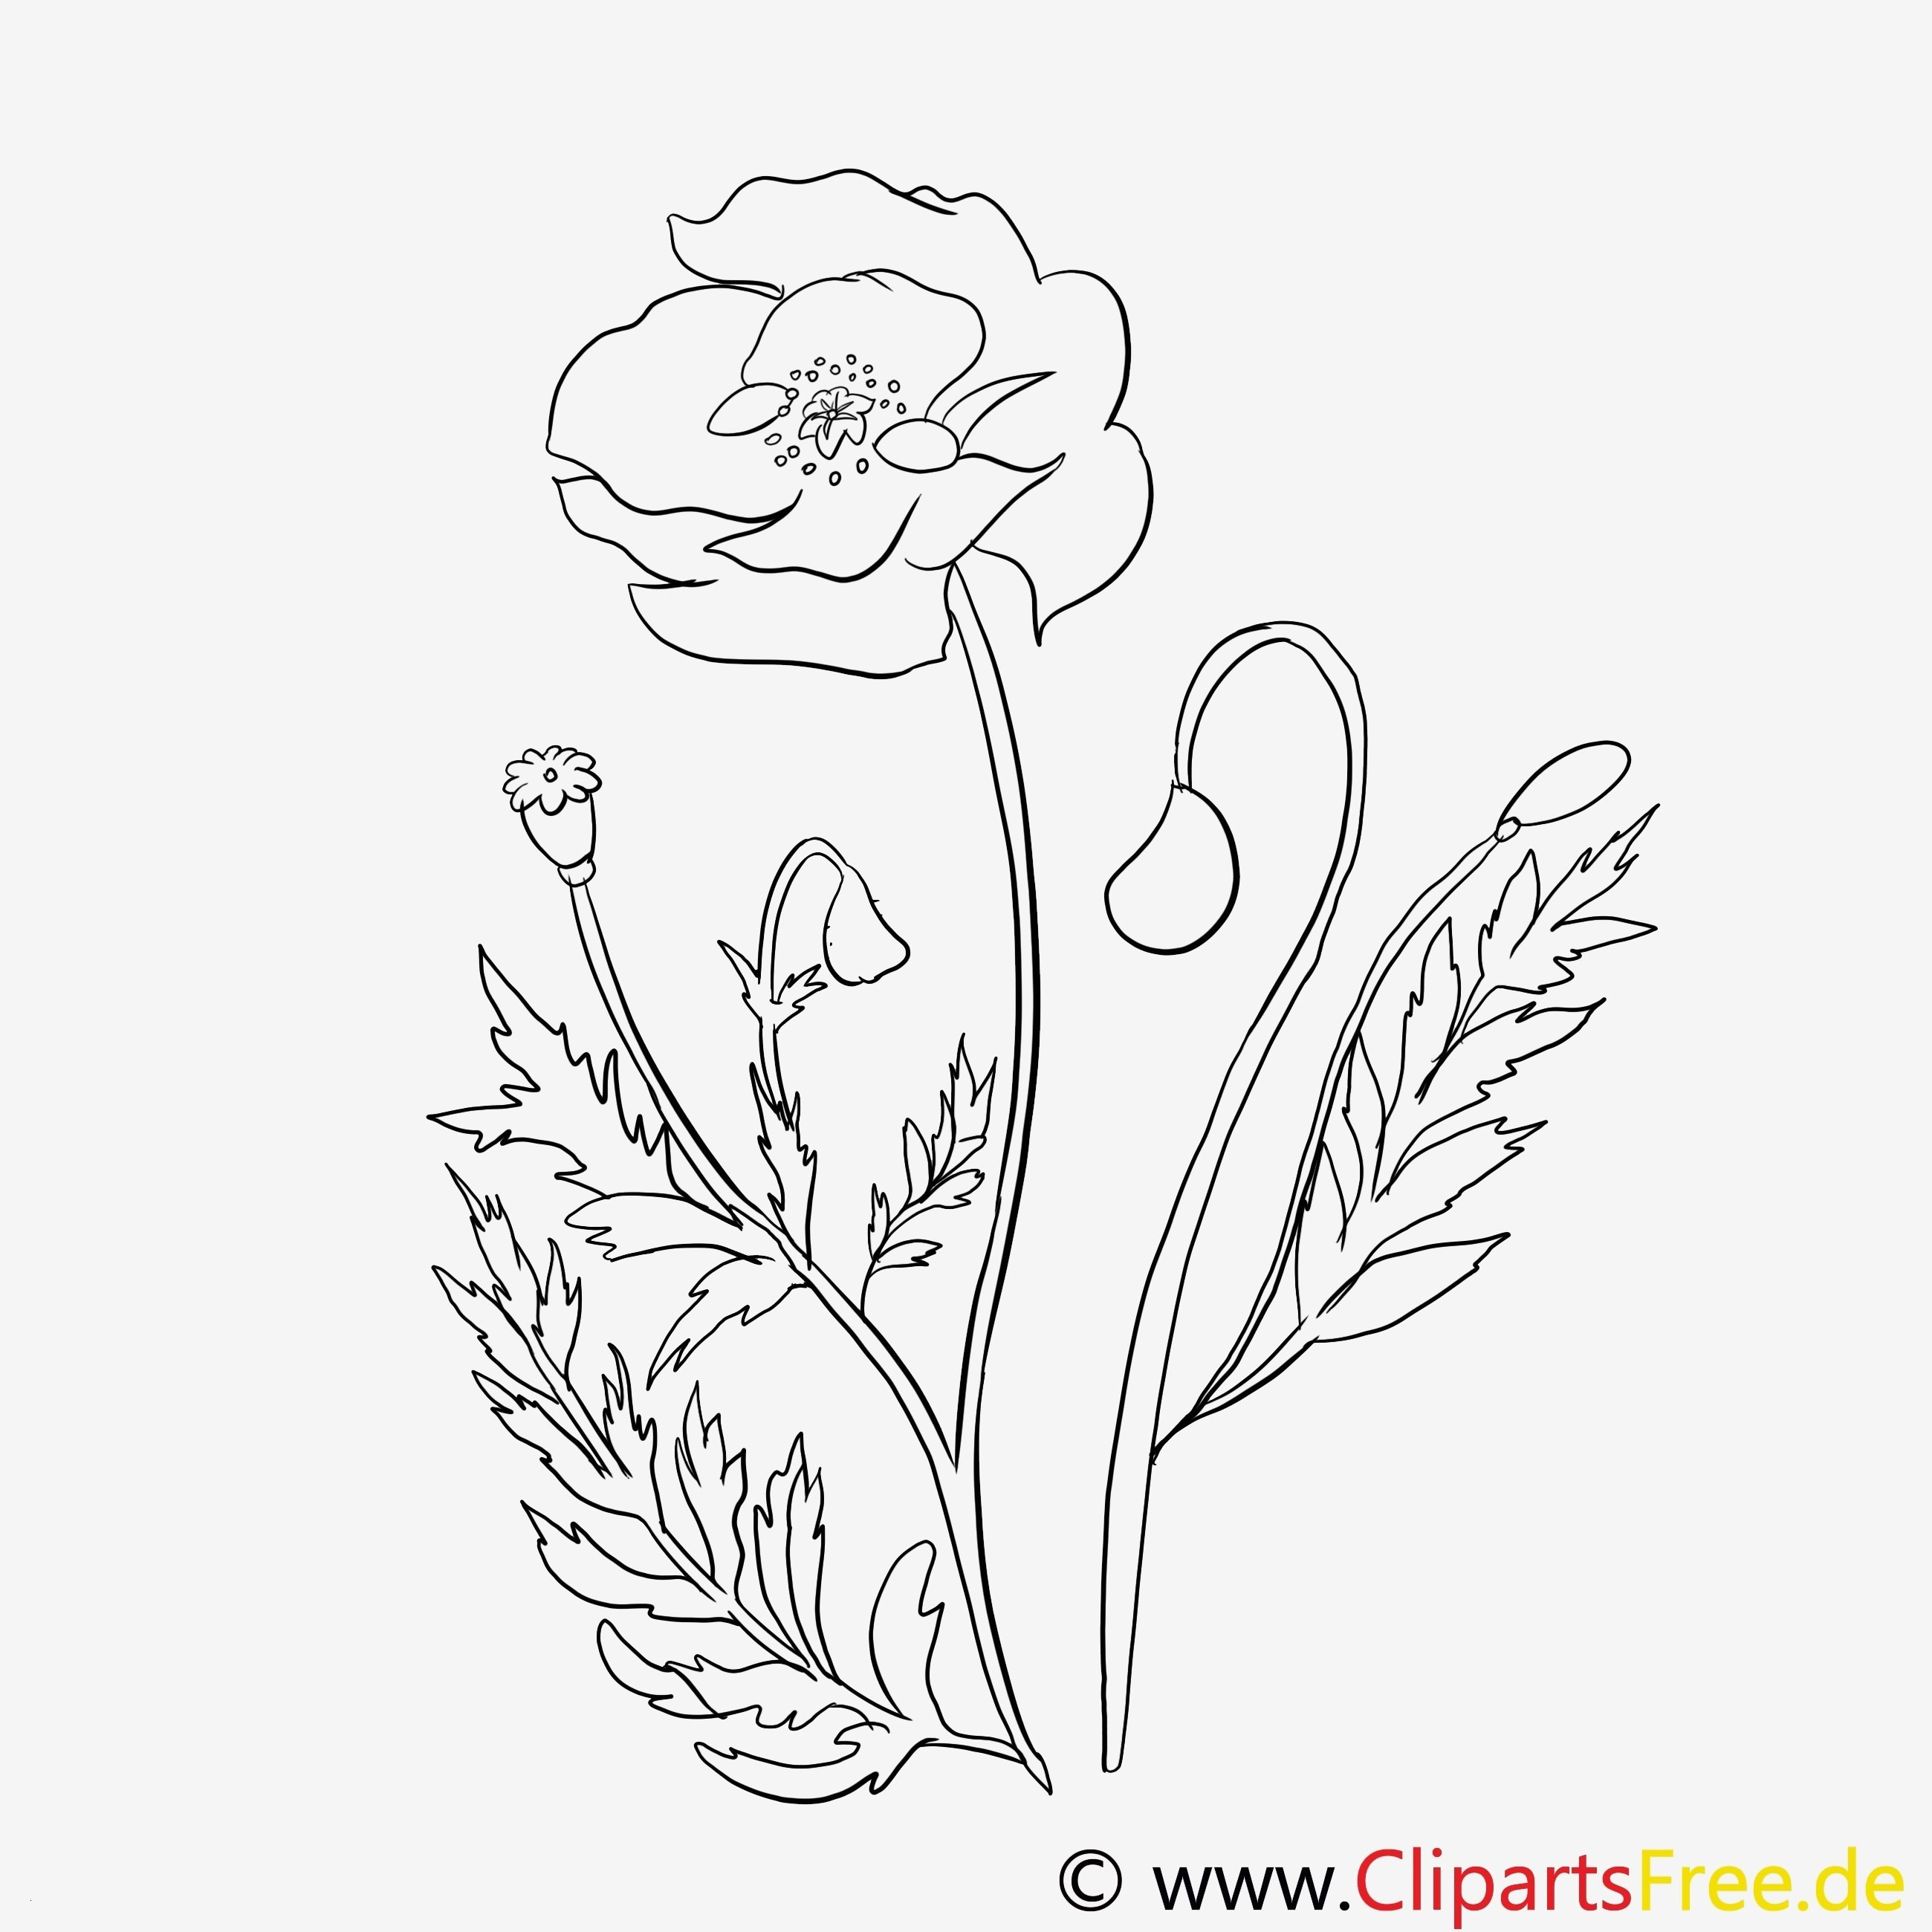 Blumenranken Zum Ausdrucken Genial Karte Blumen Neuestes S S Media Cache Ak0 Pinimg originals 0d F2 3a Fotos